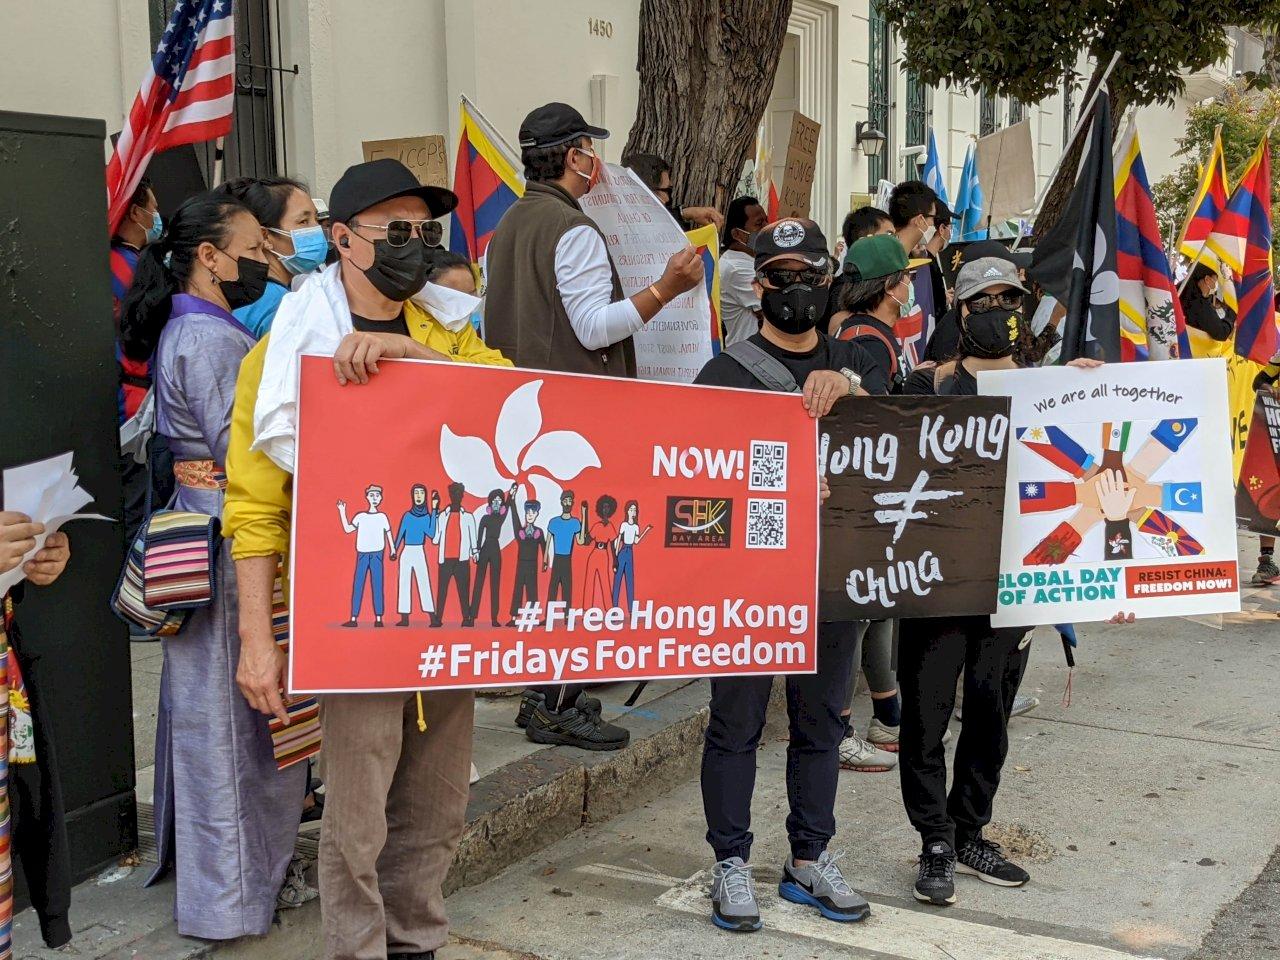 十一抗中 洛杉磯示威人群聚集中國領事館